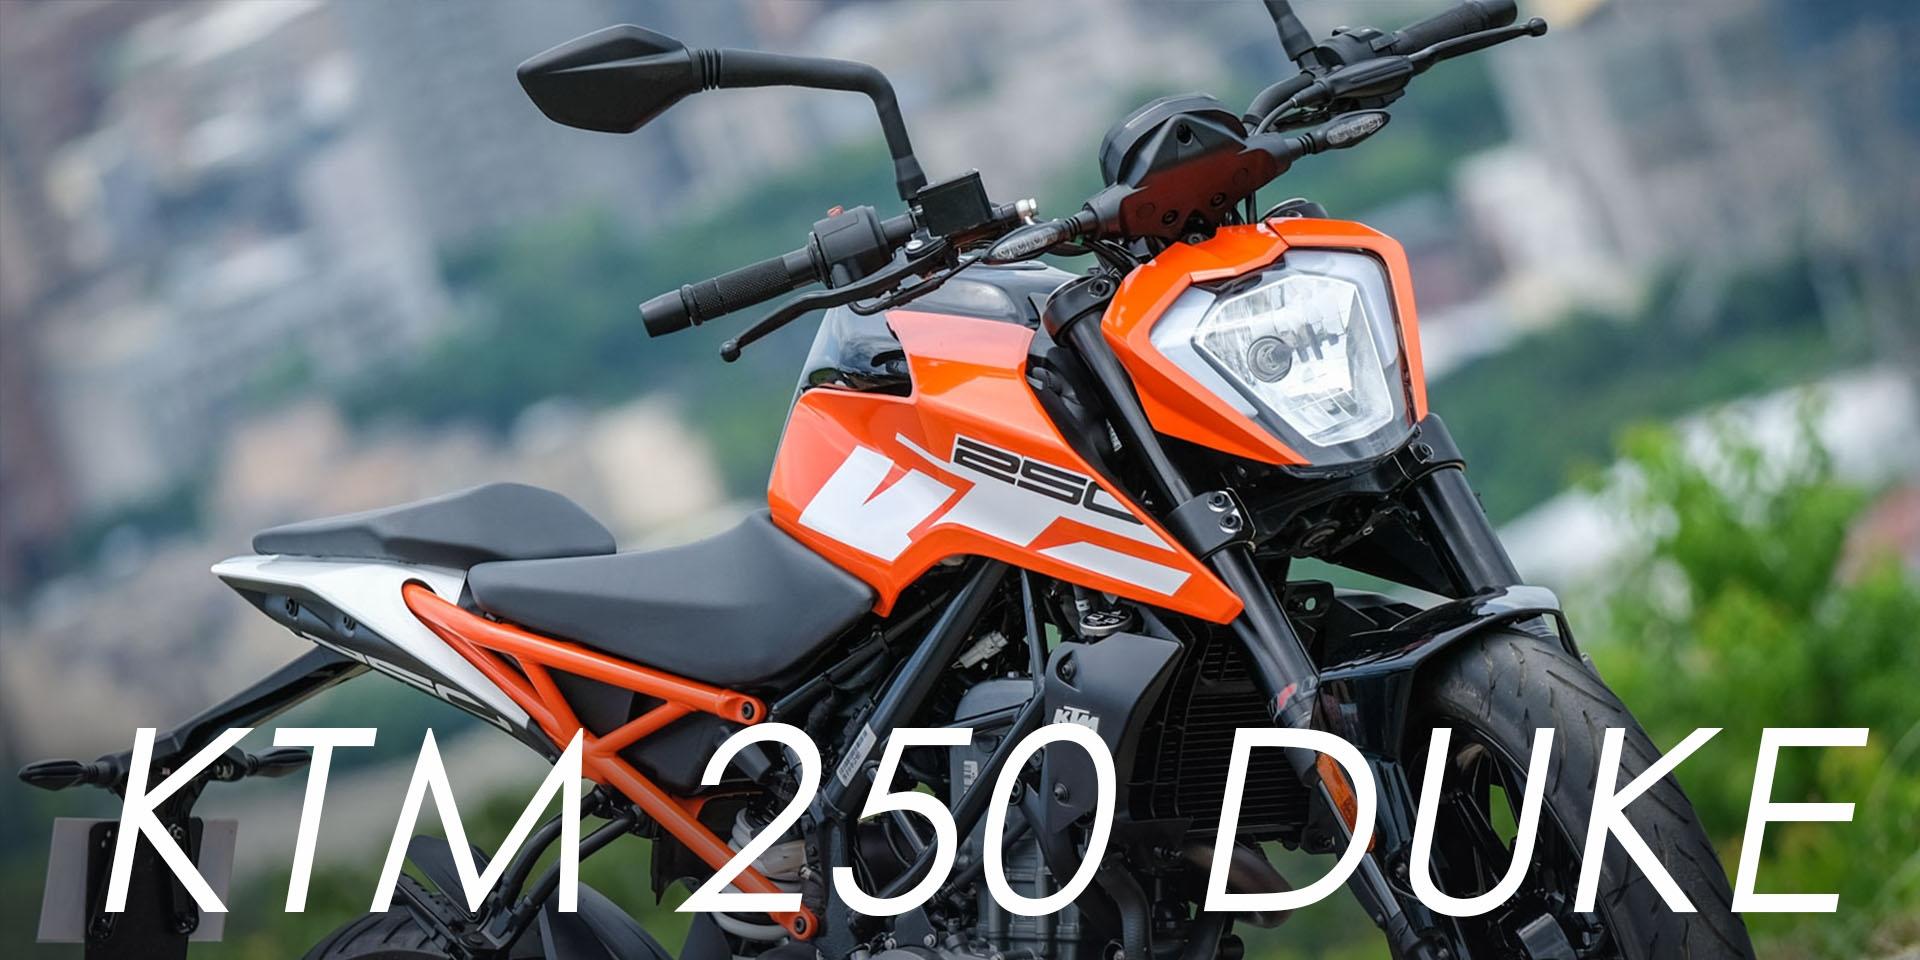 簡單的熱血,換檔樂趣十足。KTM 250 DUKE